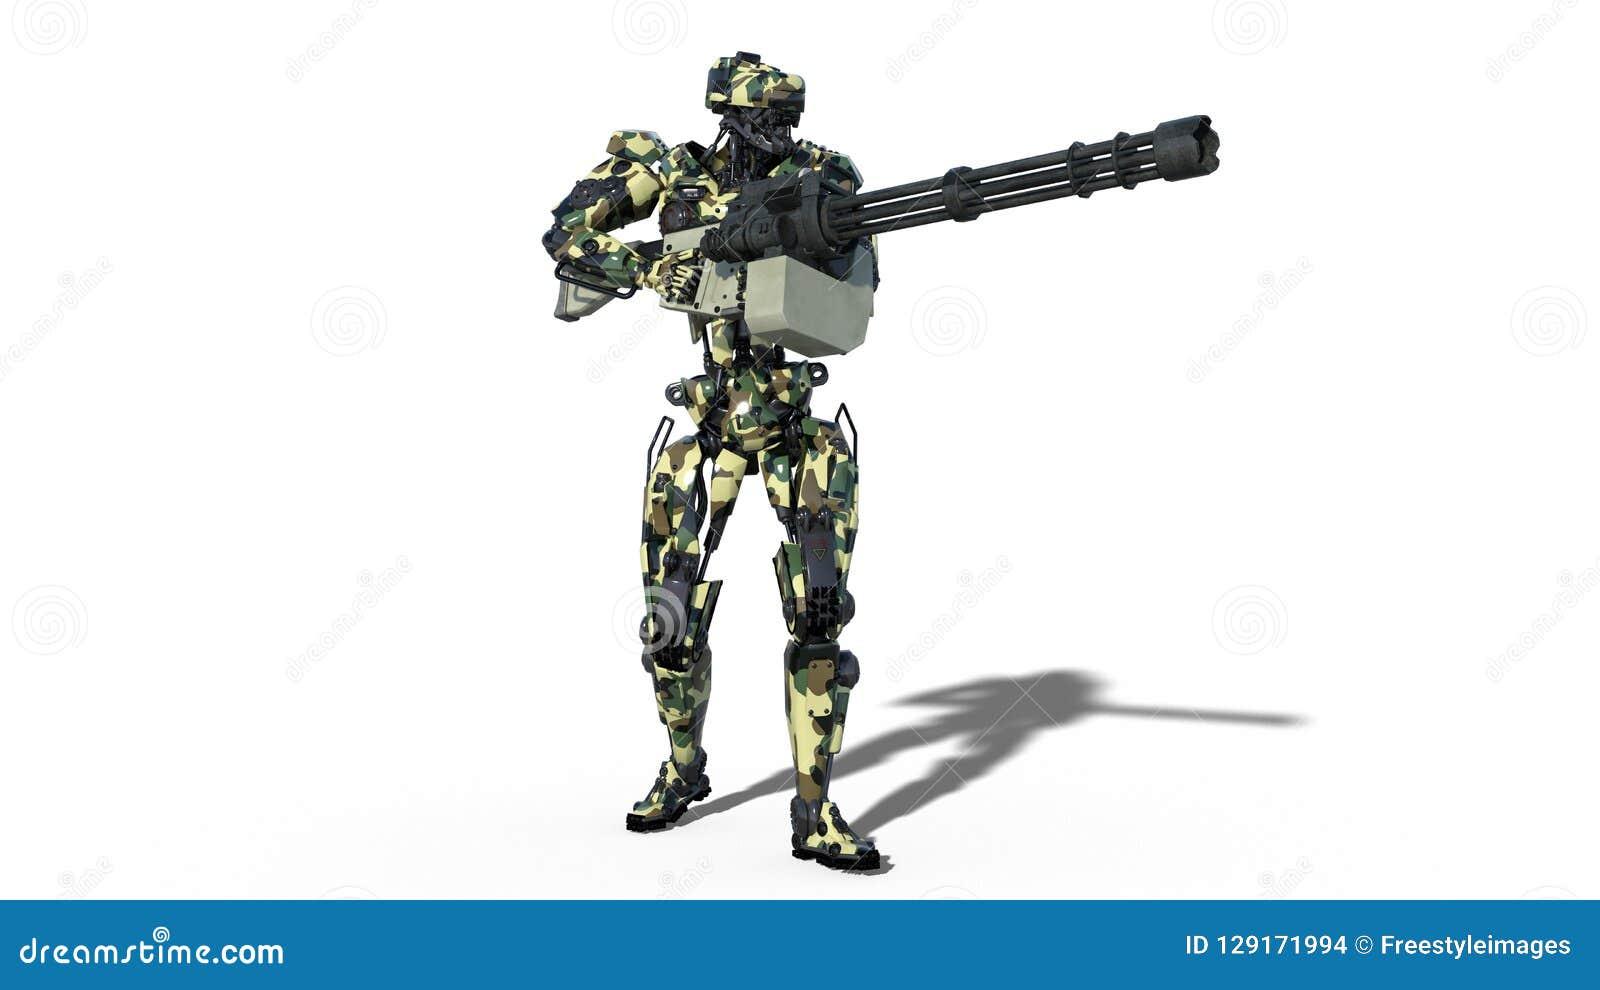 De legerrobot, strijdkrachten cyborg, militaire androïde militair die machinegeweer op witte 3D achtergrond schieten, geeft terug